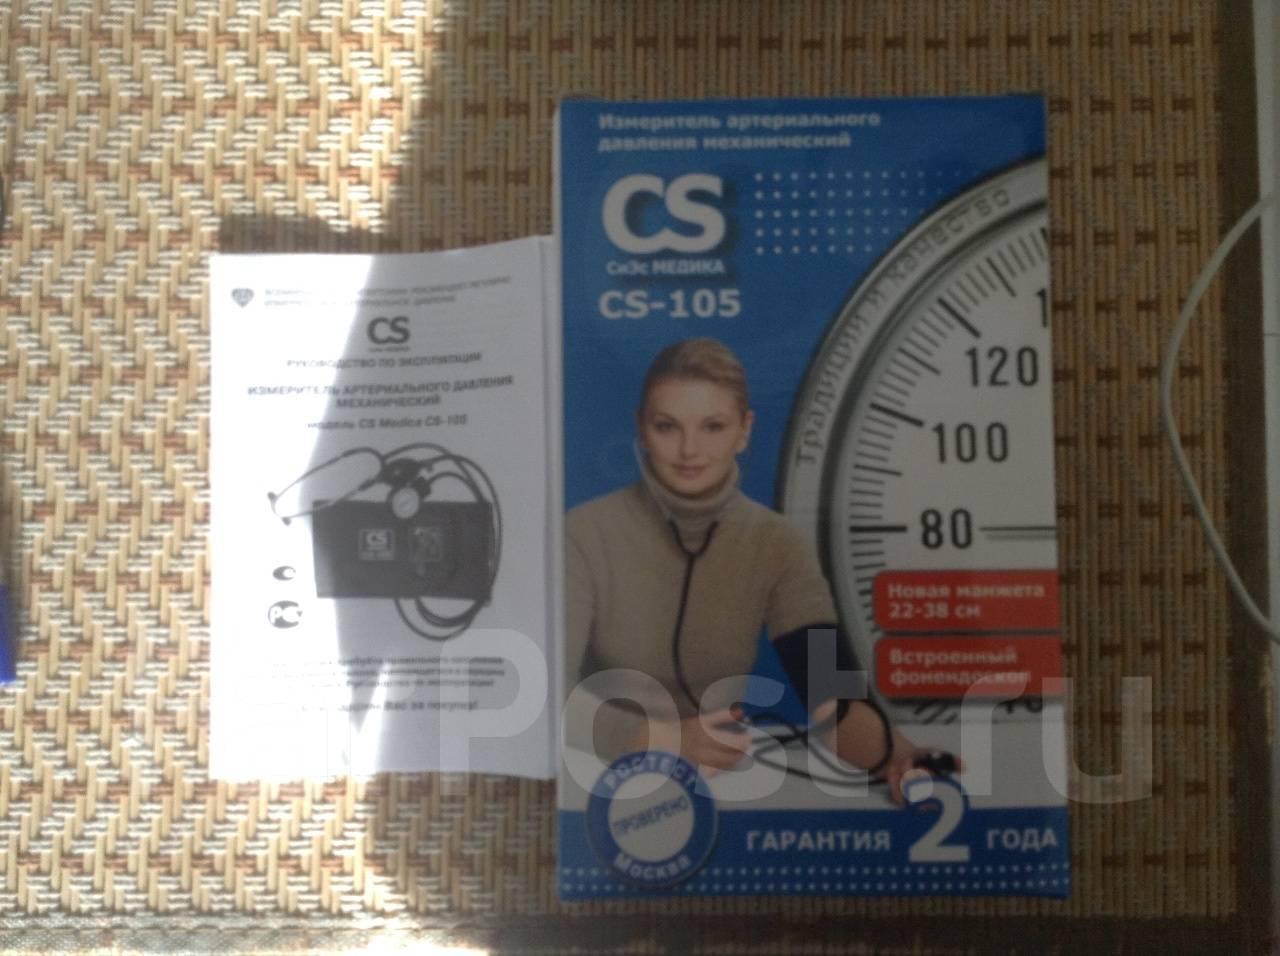 инструкцию по эксплуатации электрокардиографа на английском и на русском языке